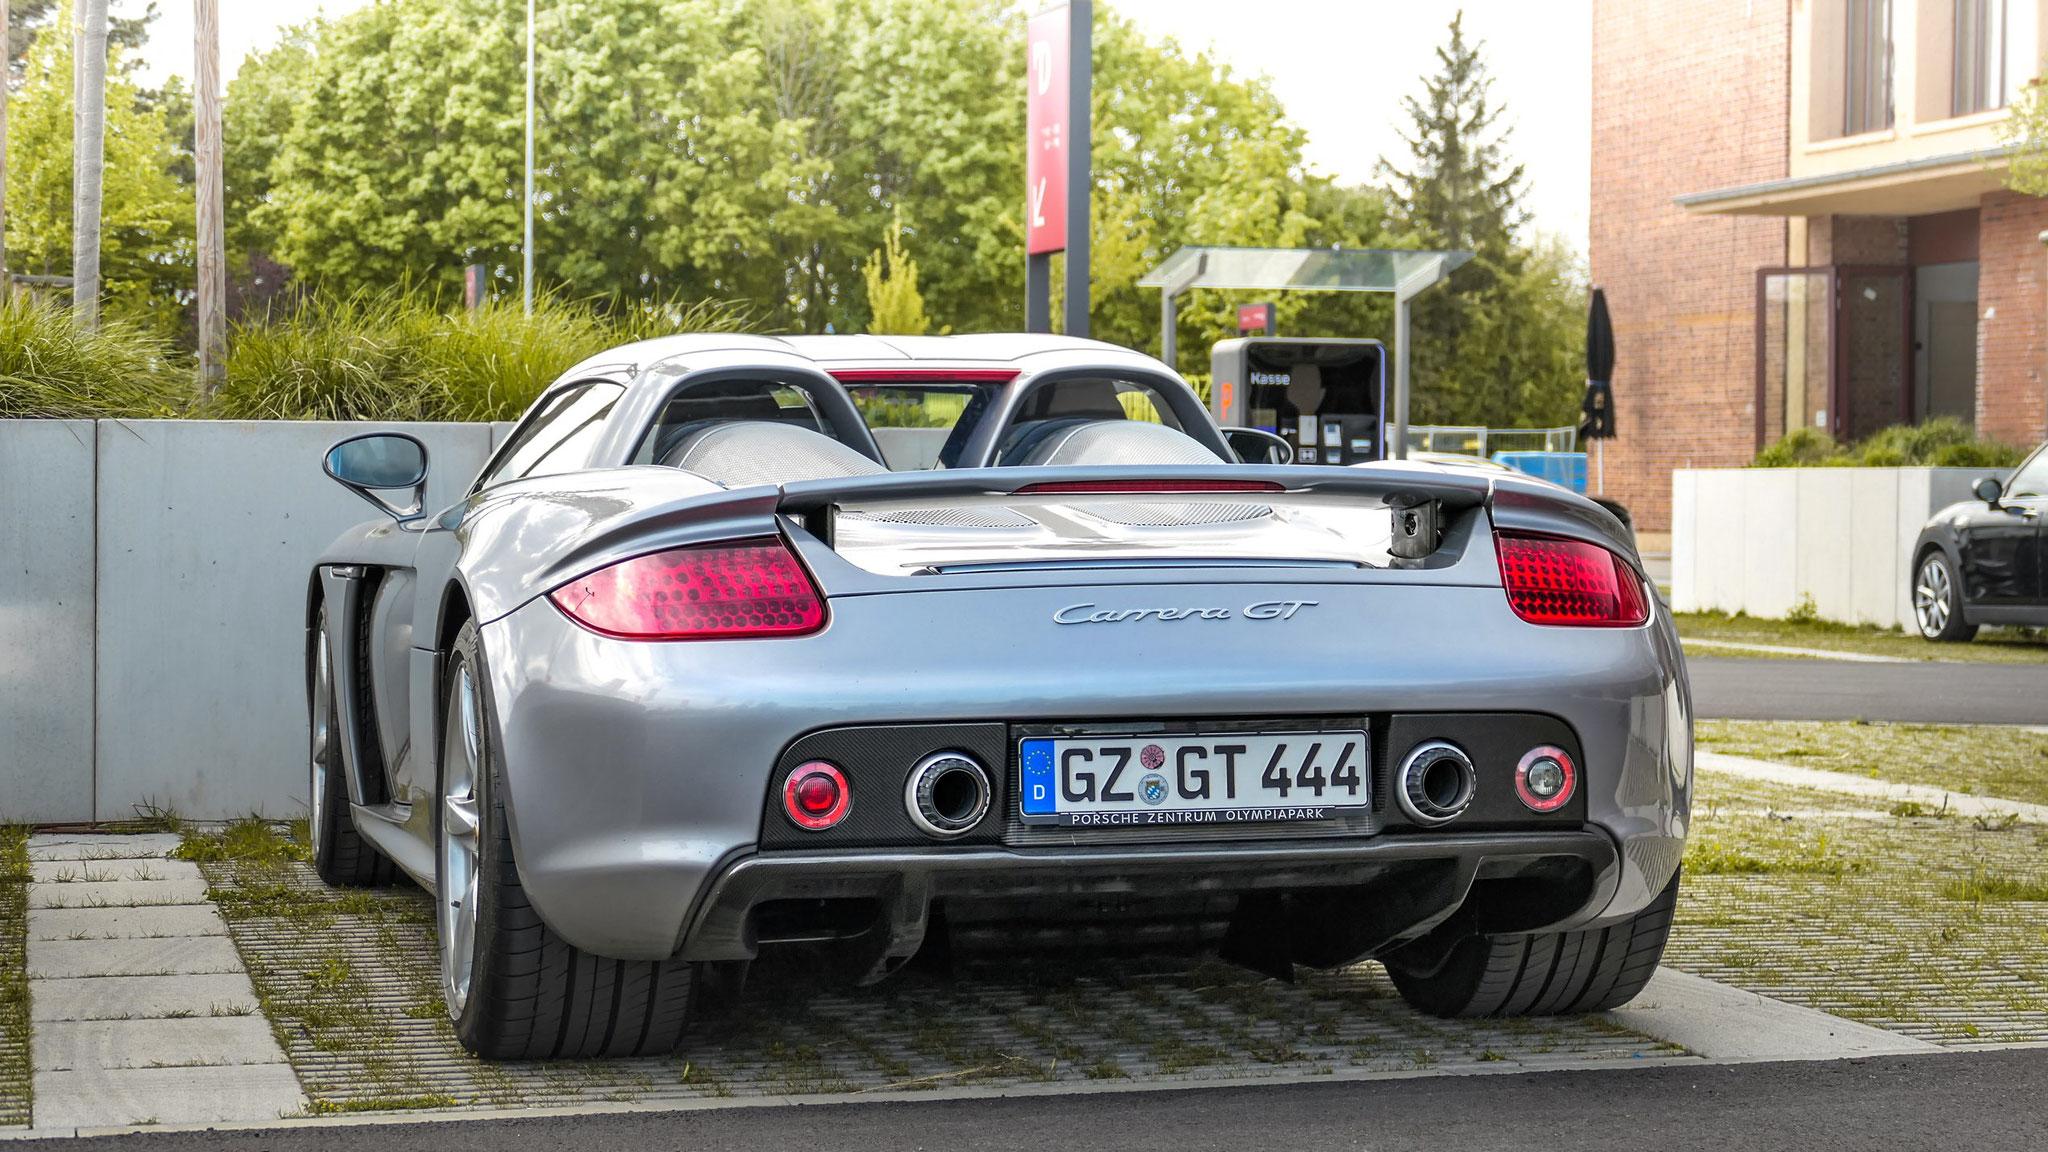 Porsche Carrera GT - GZ-GT-444